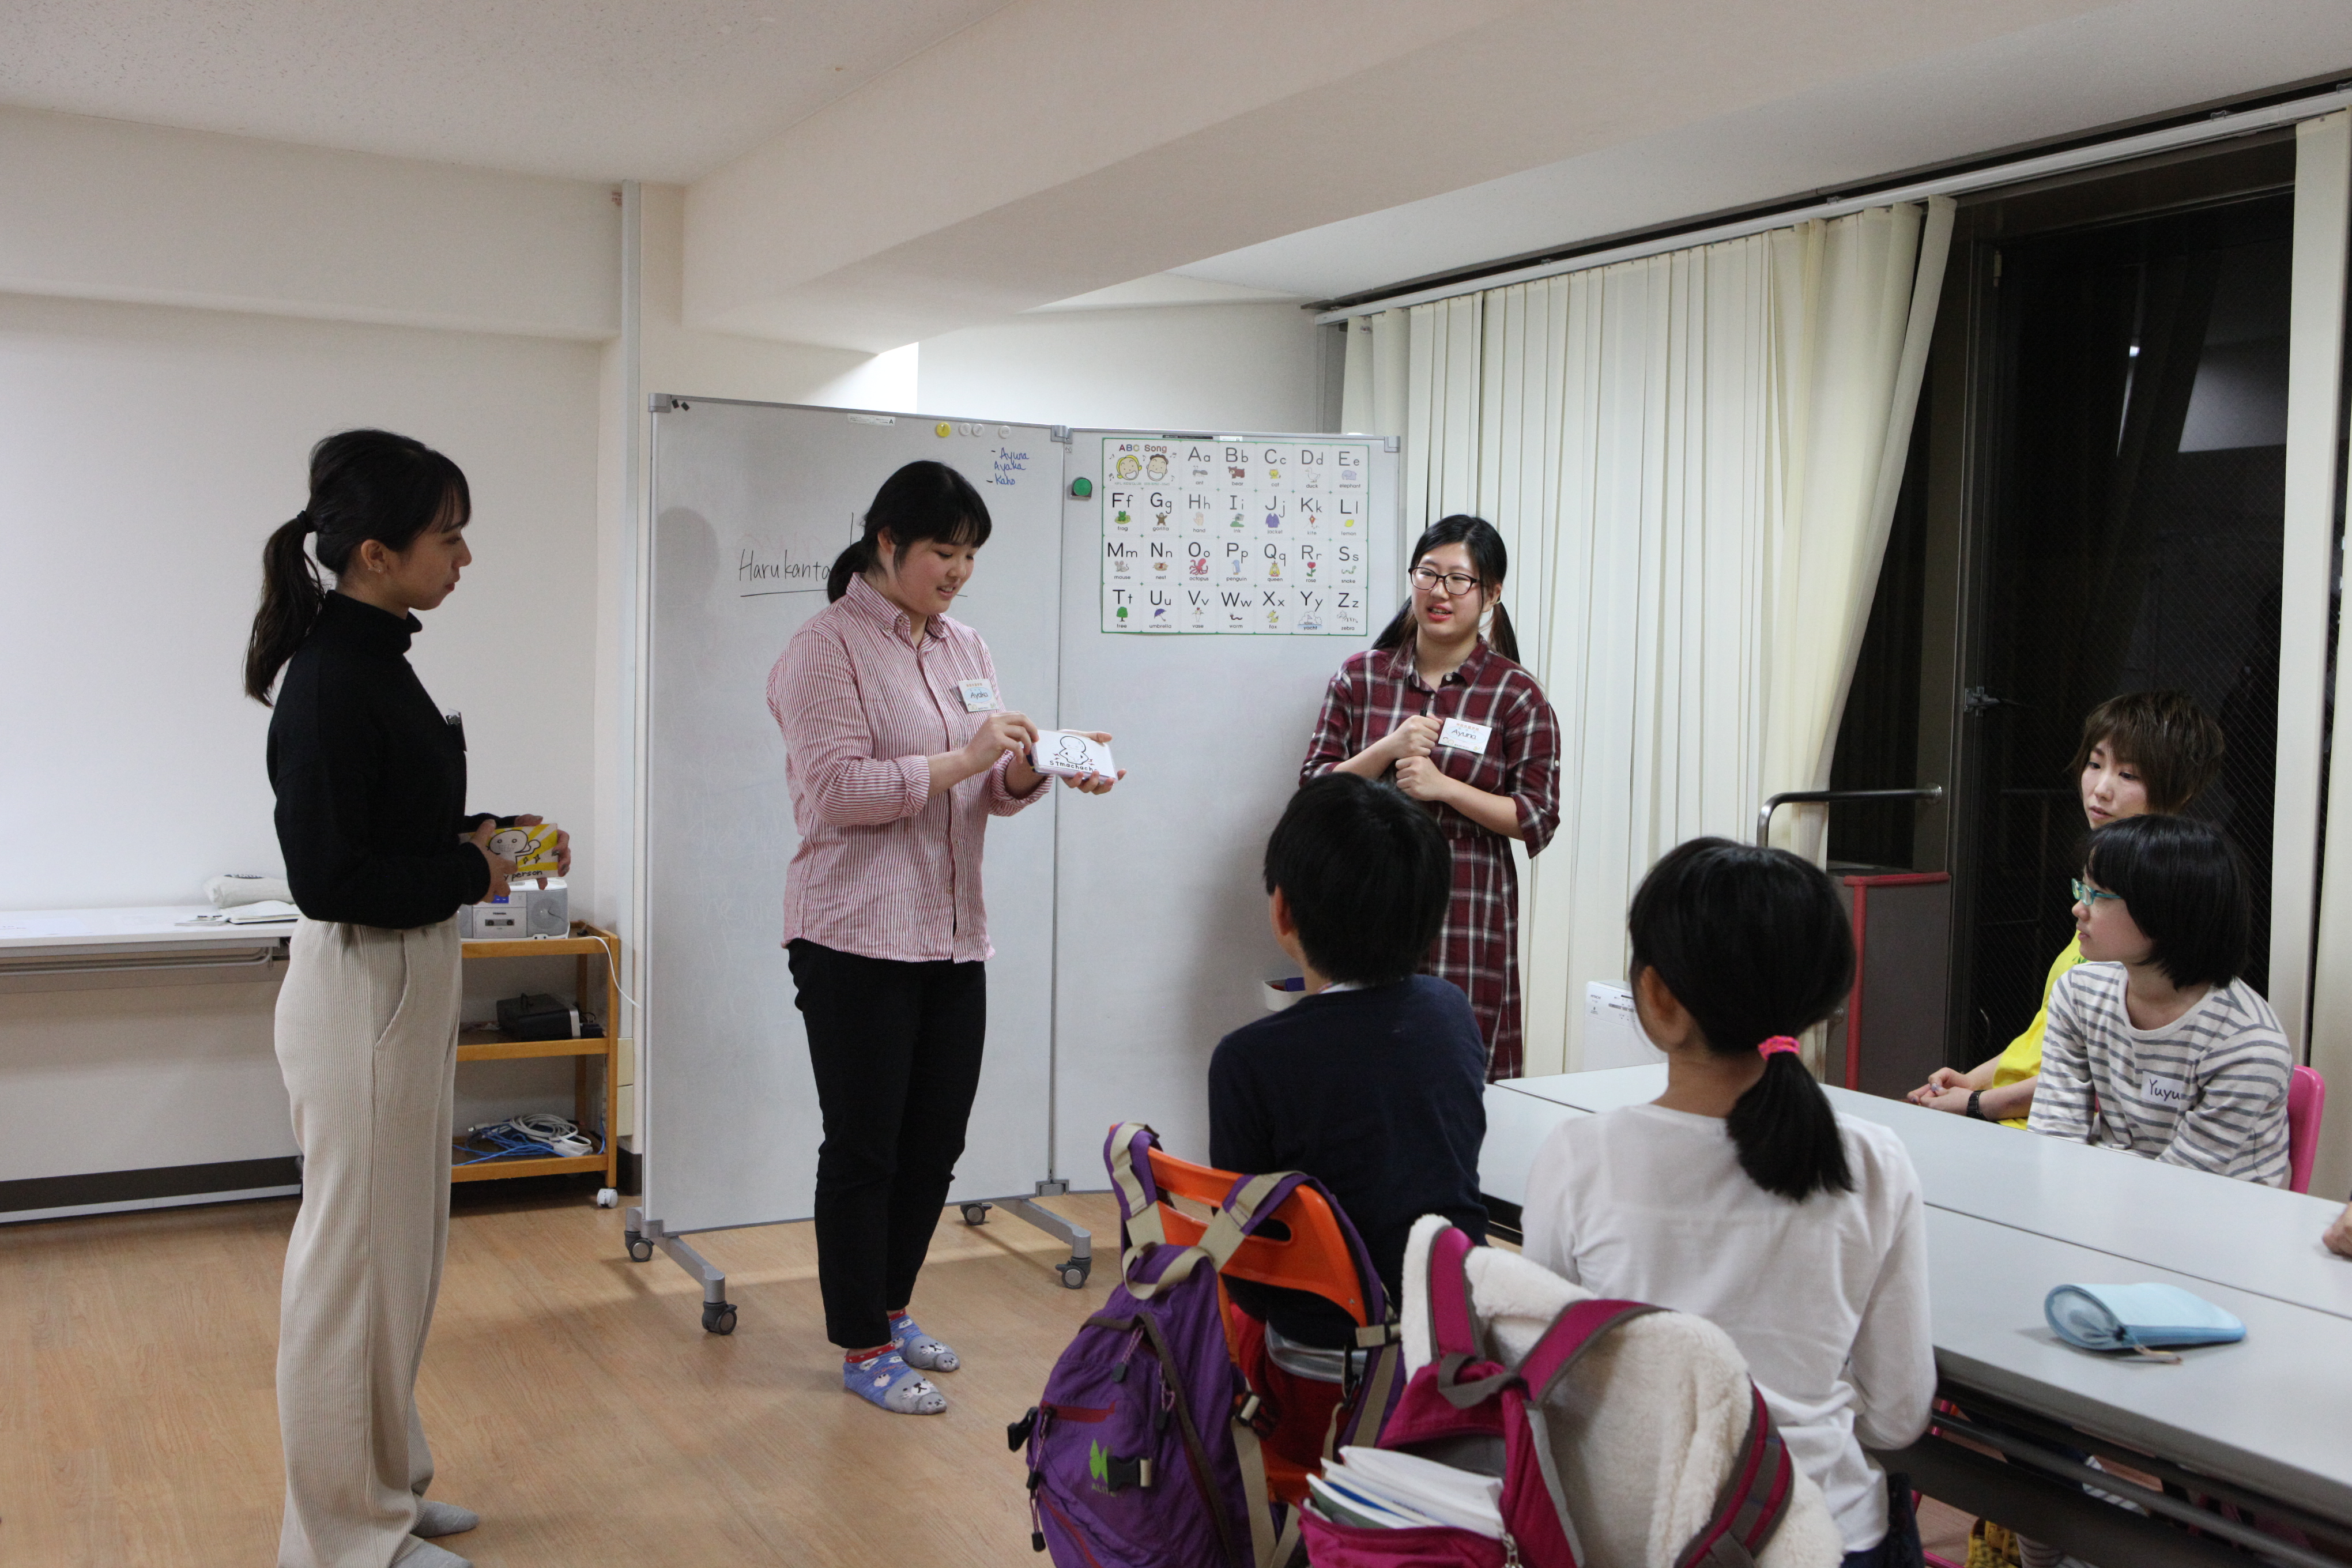 【実習】神田外語キッズクラブで教育実習を行いました